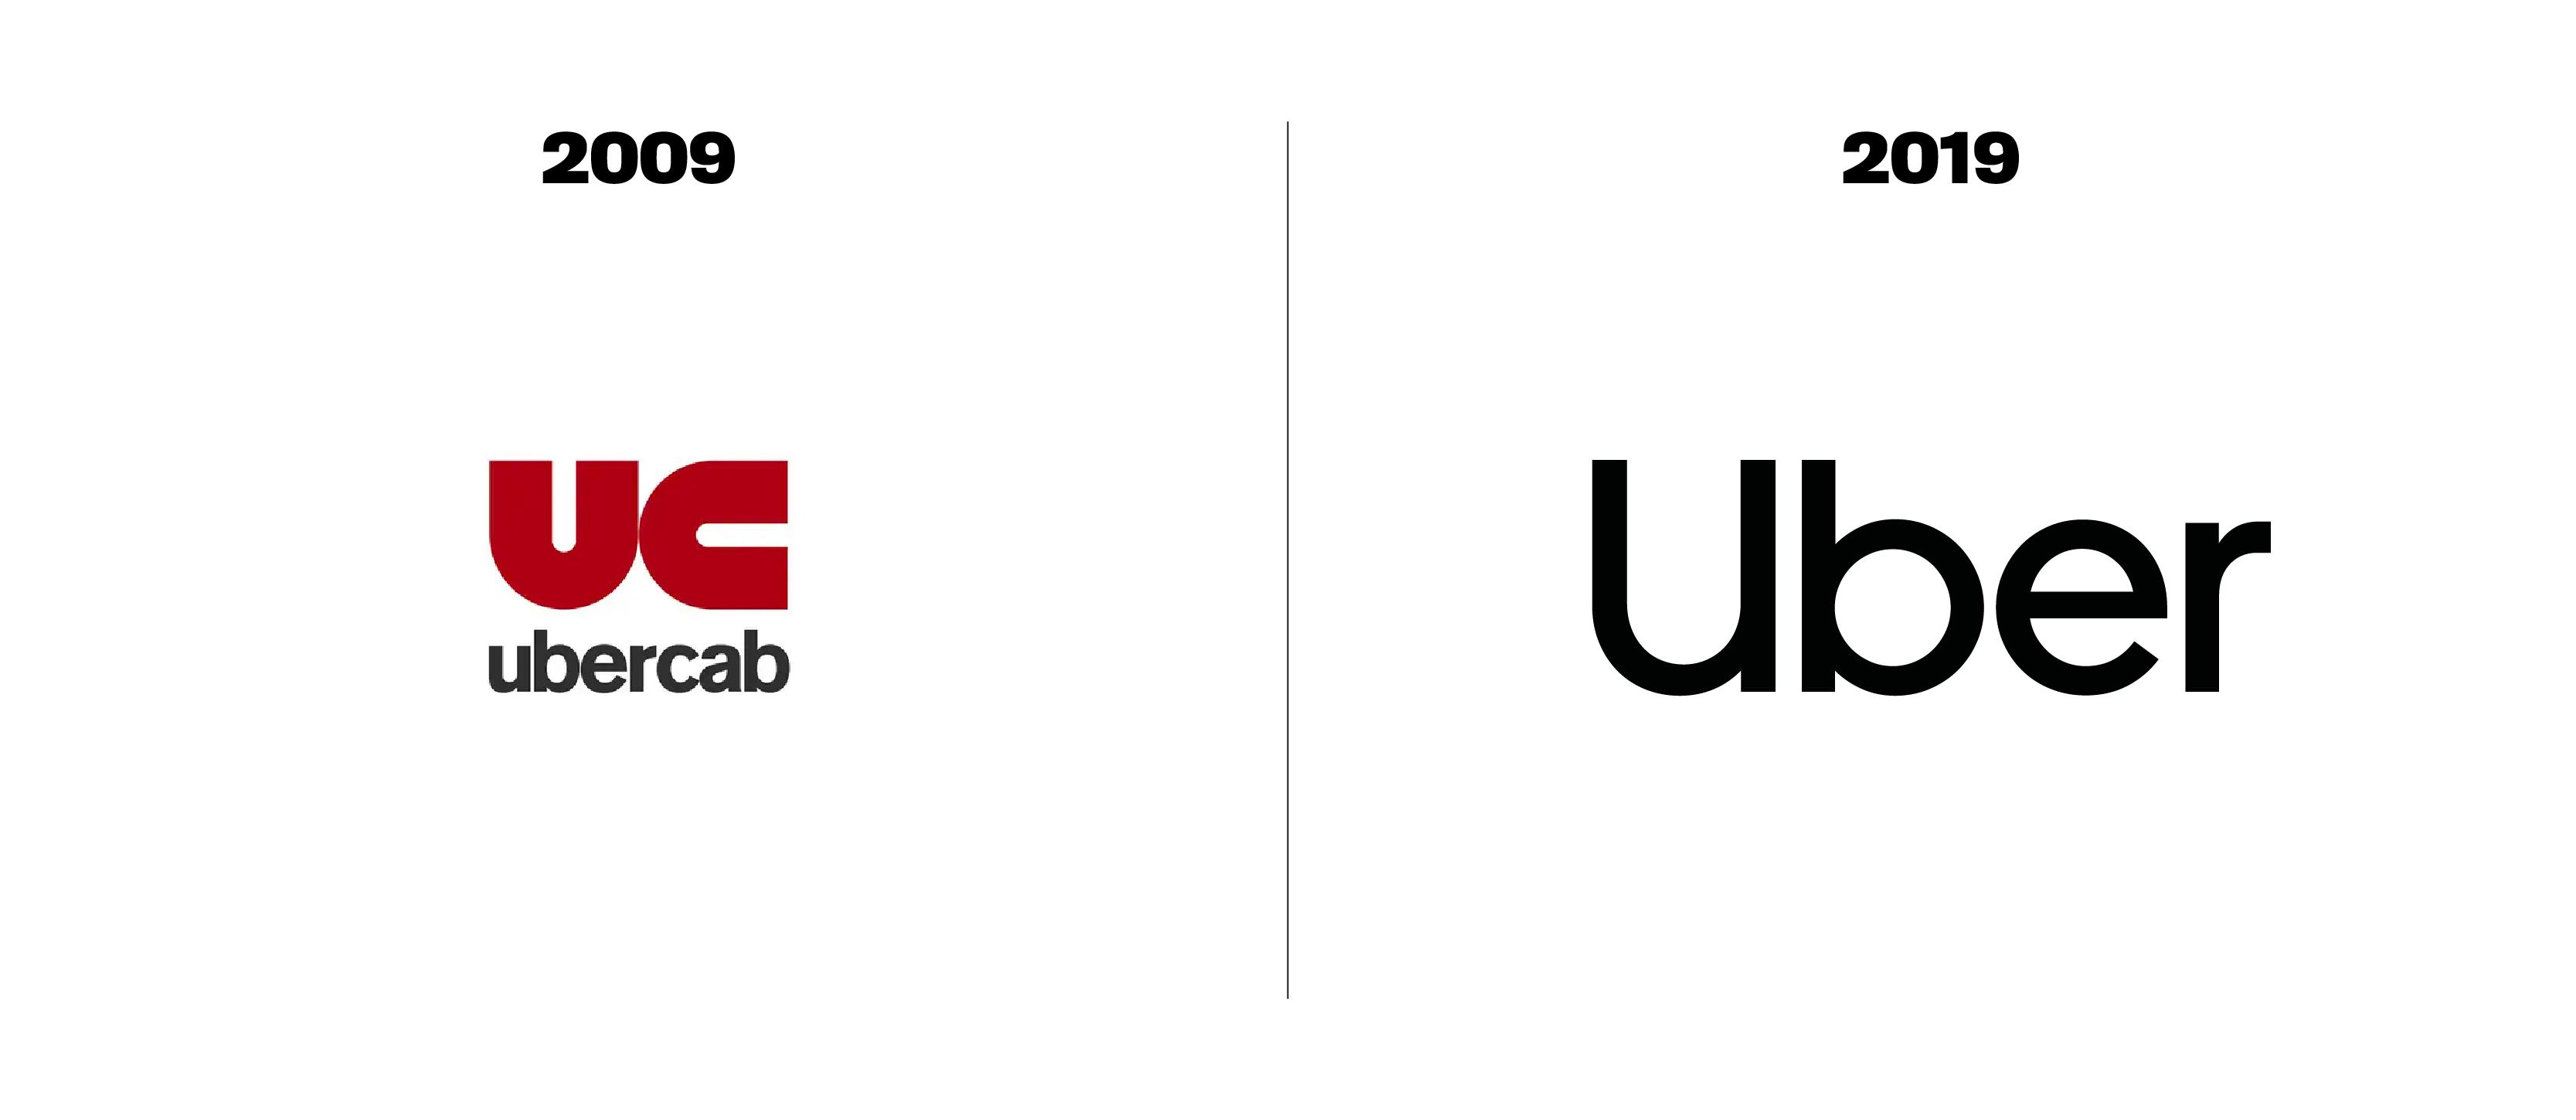 uber-logo-old-vs-new-2009-2019